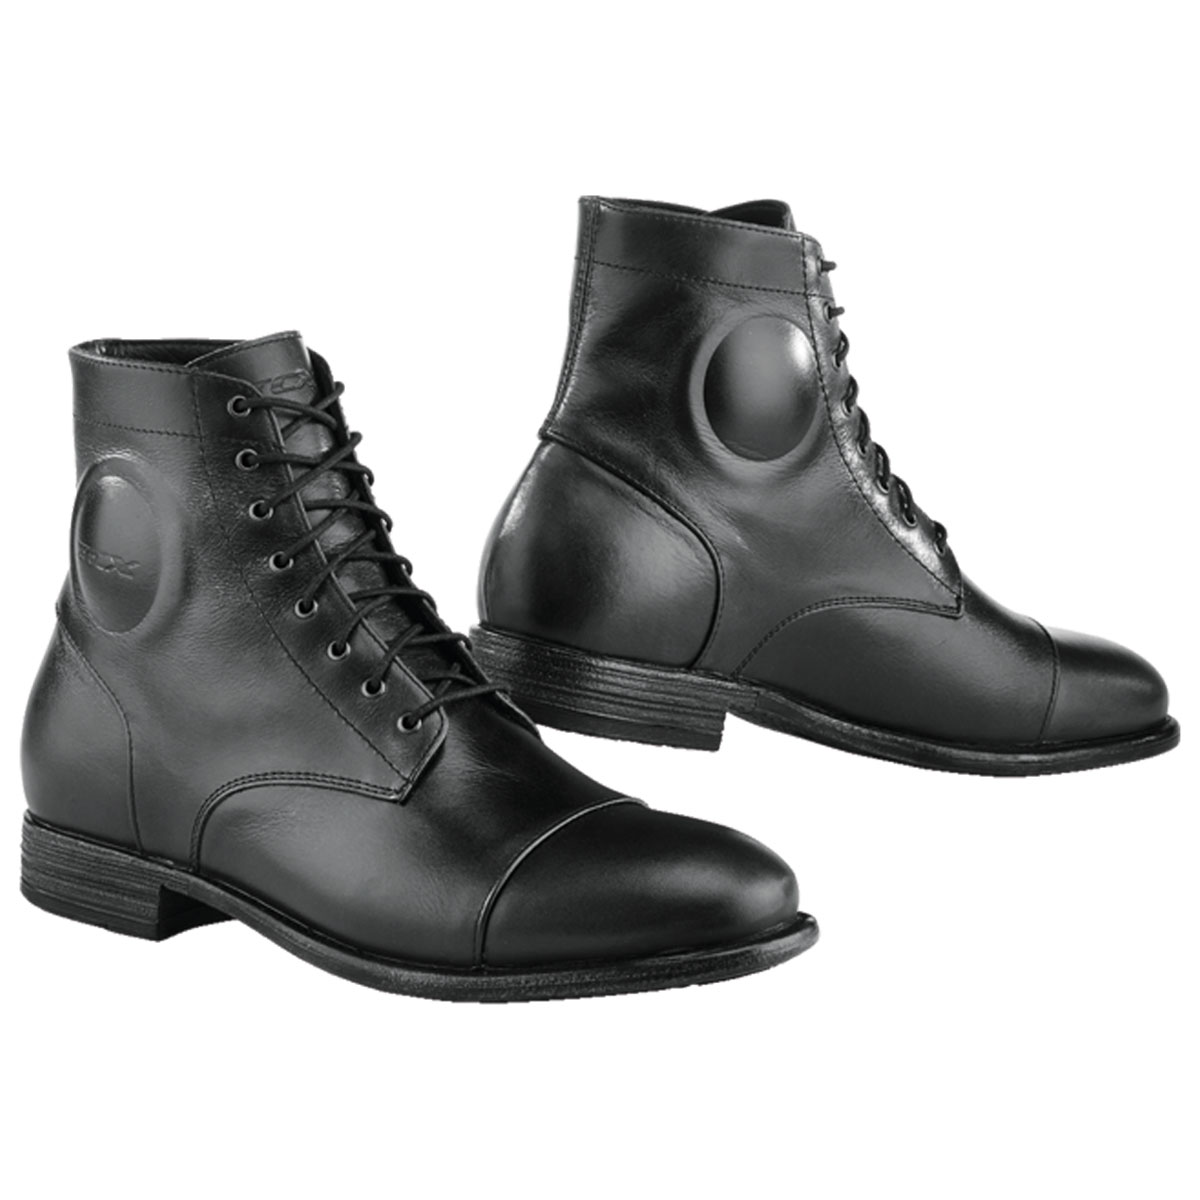 TCX Men's Metropolitan Black Boots